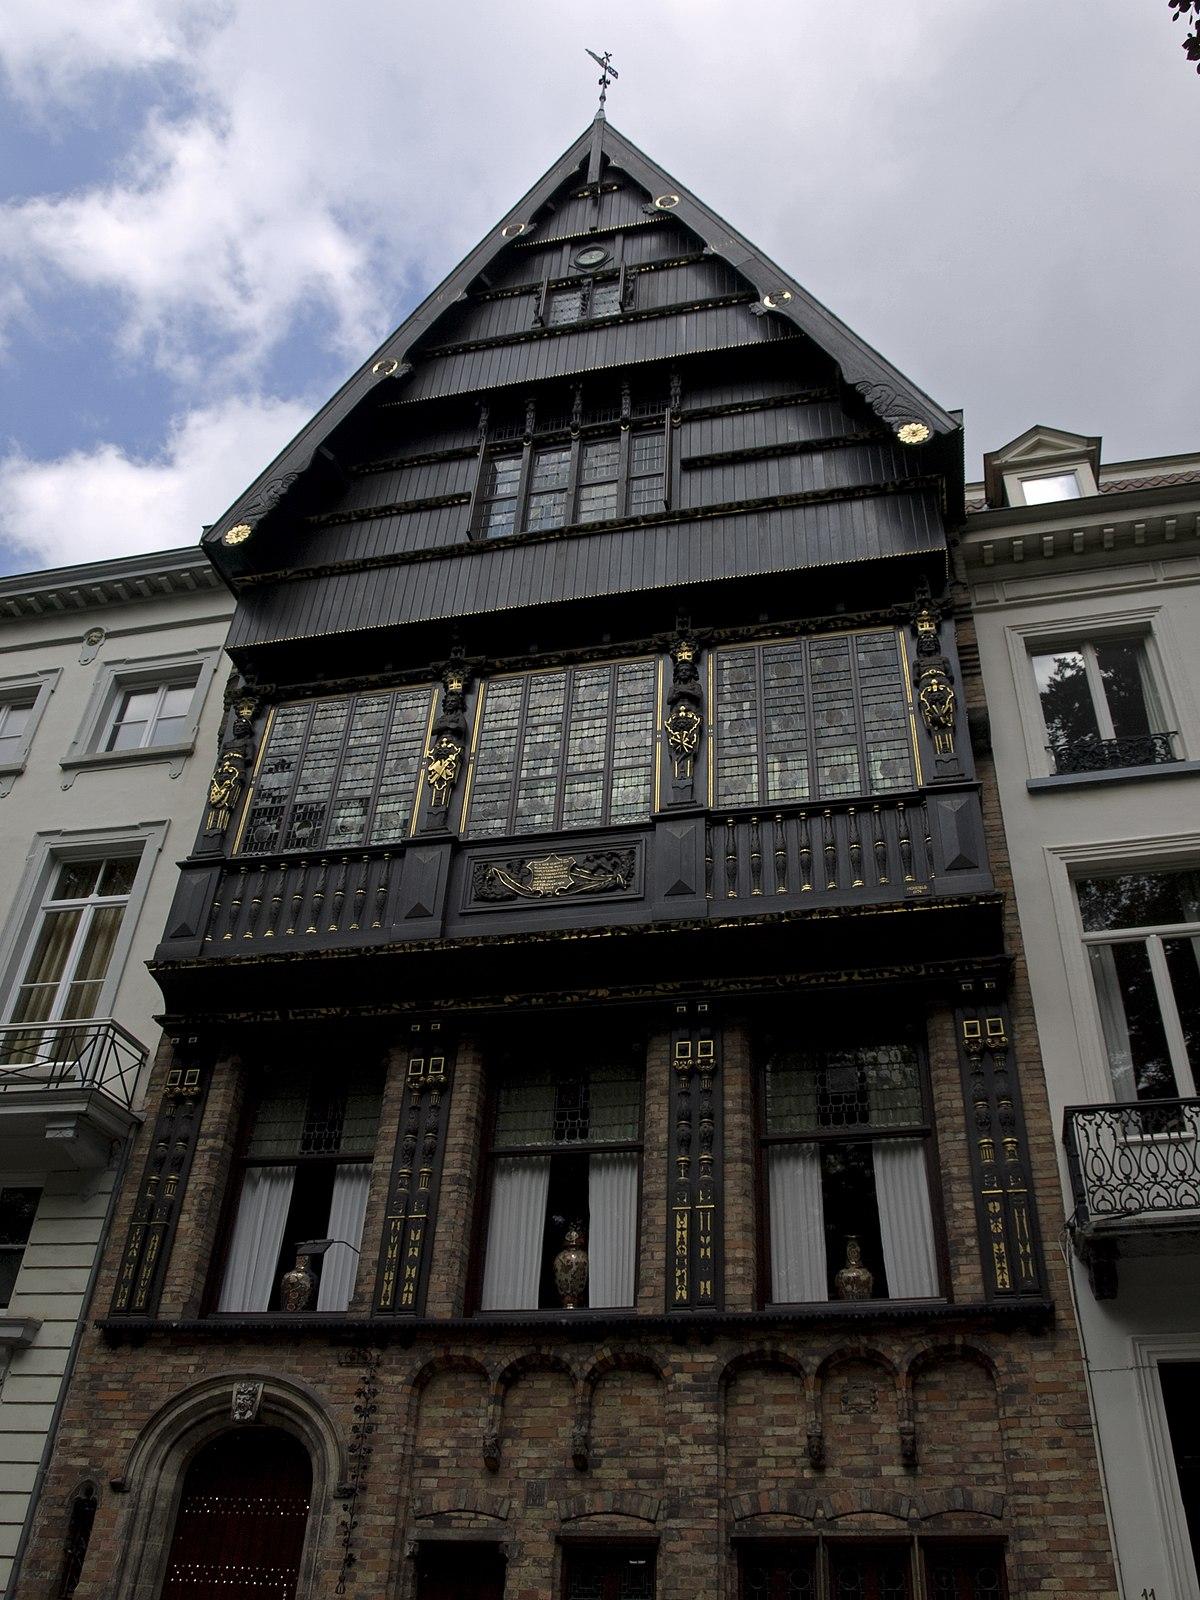 Minderbroedersstraat Brugge Wikipedia